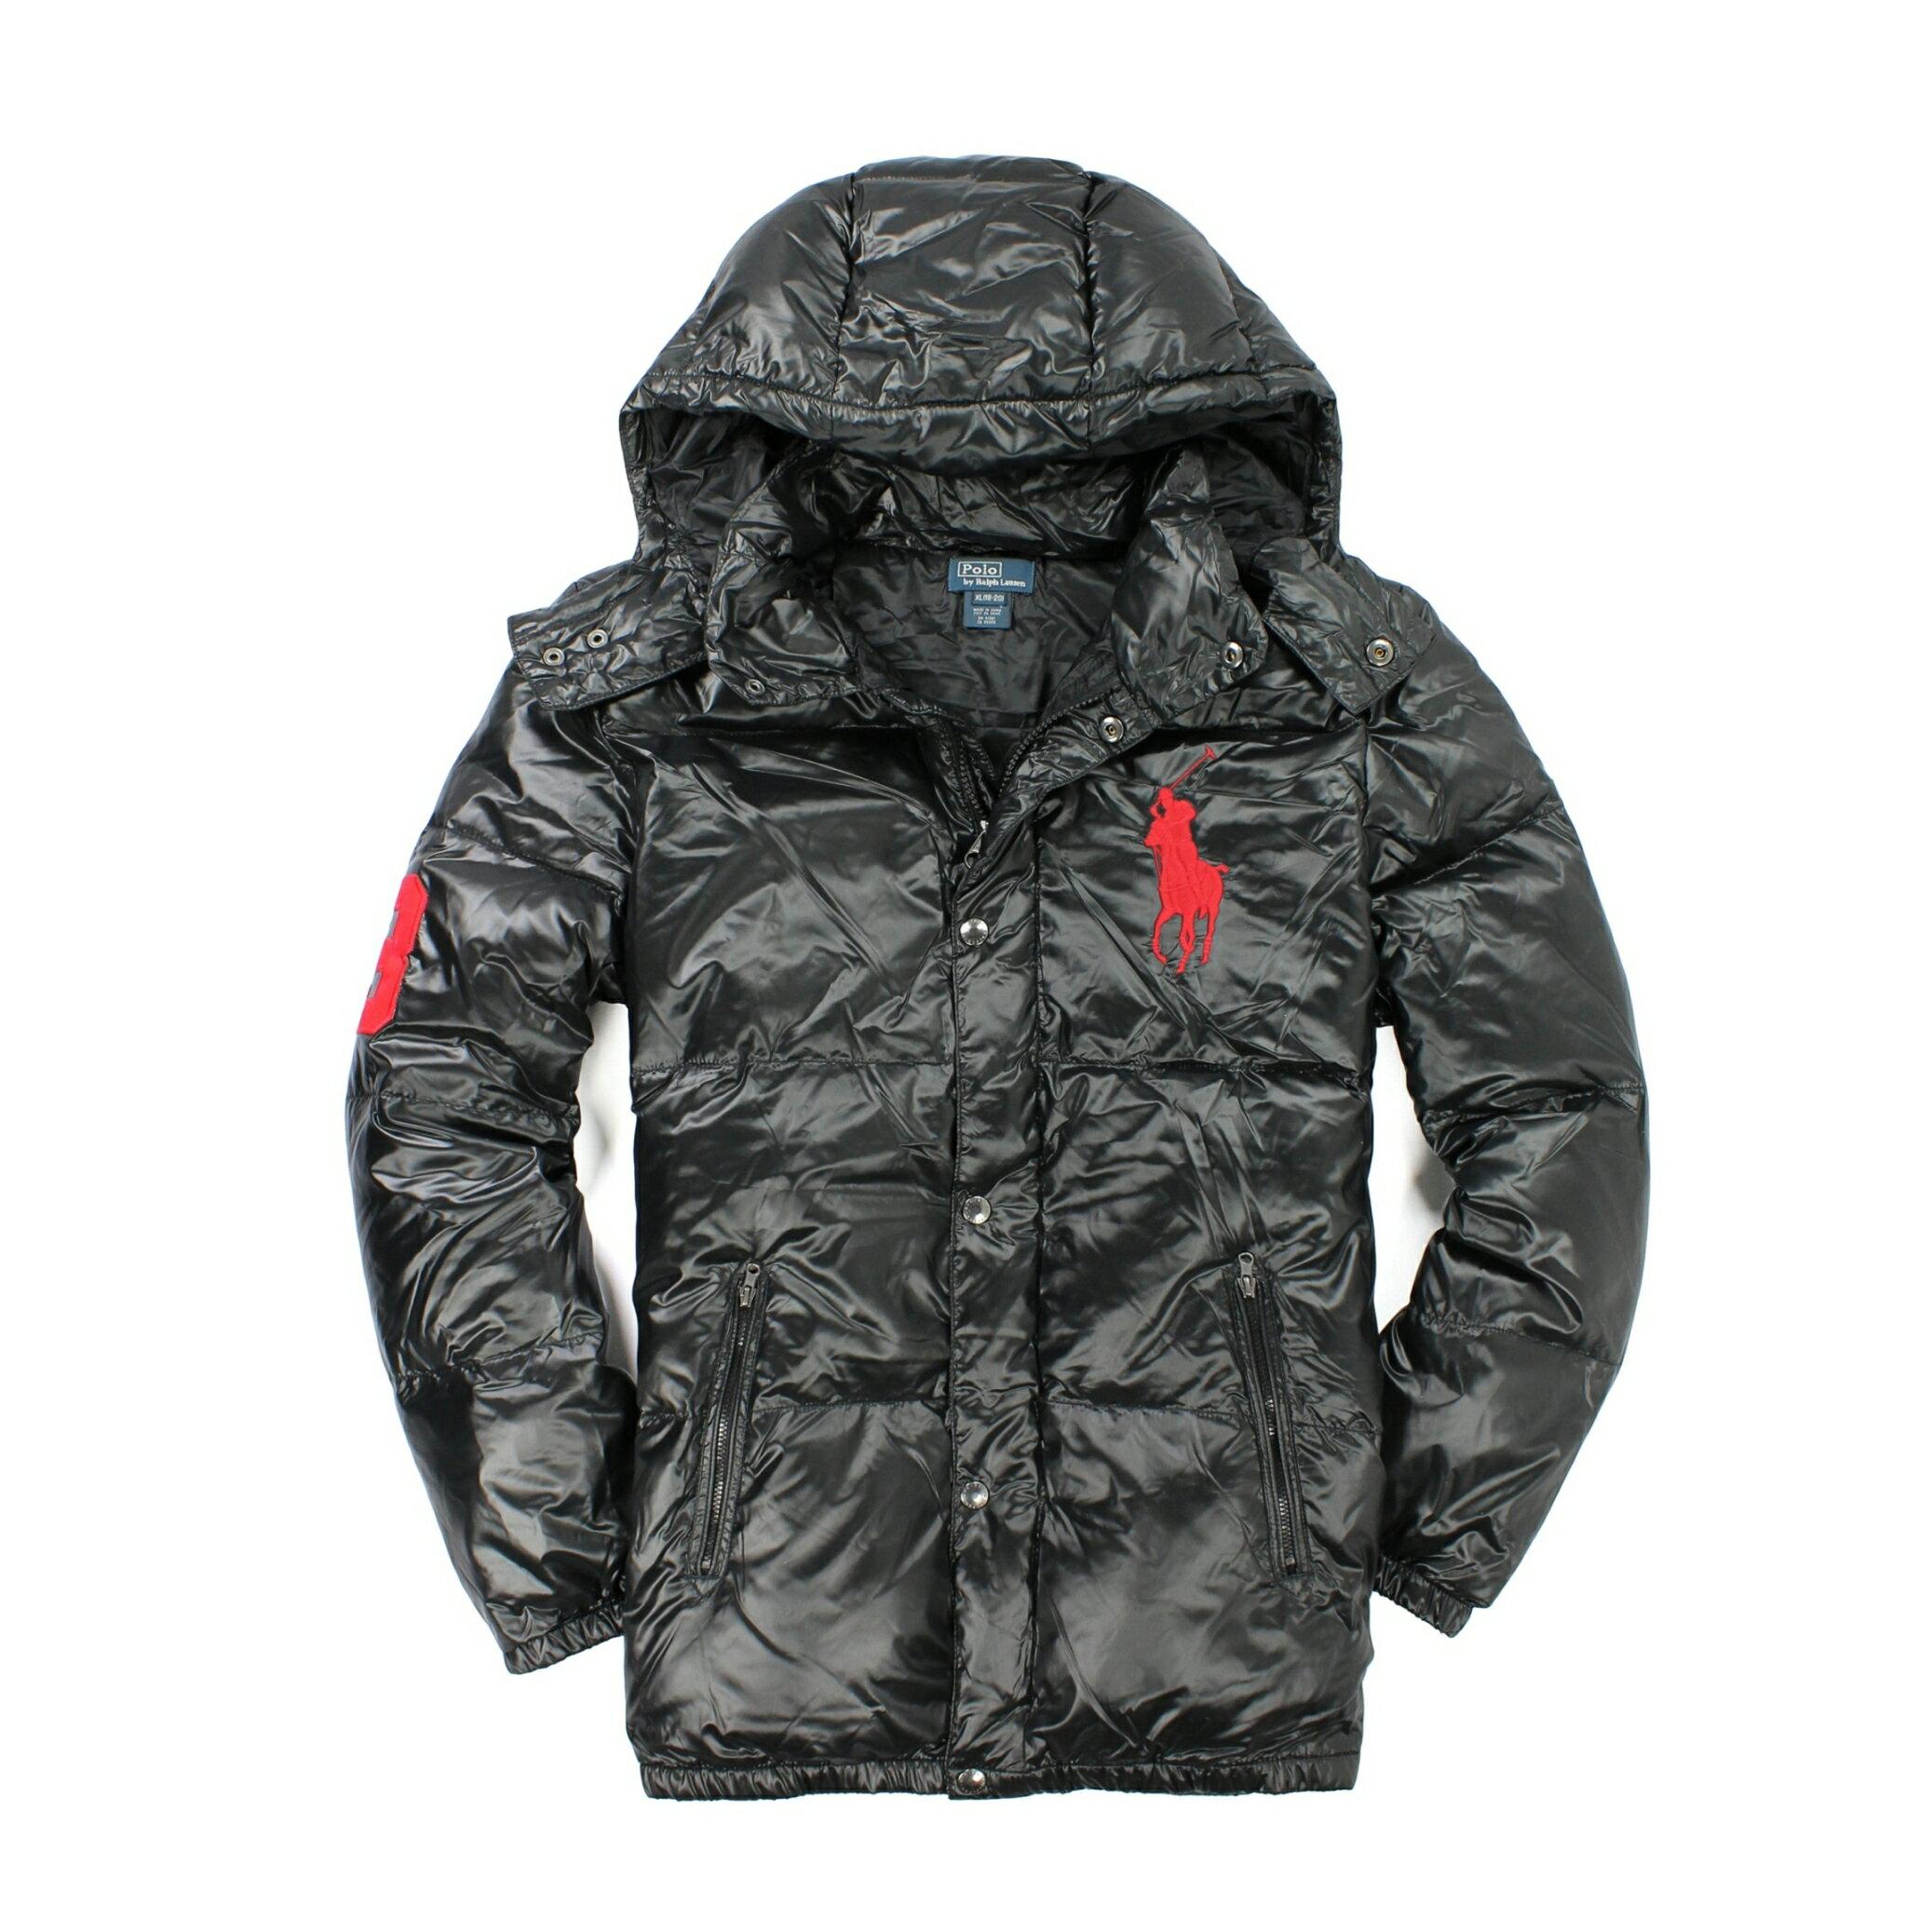 美國百分百【全新真品】Ralph Lauren 外套 RL 連帽外套 夾克 羽絨外套 Polo 大馬 輕巧 黑 S號 E028